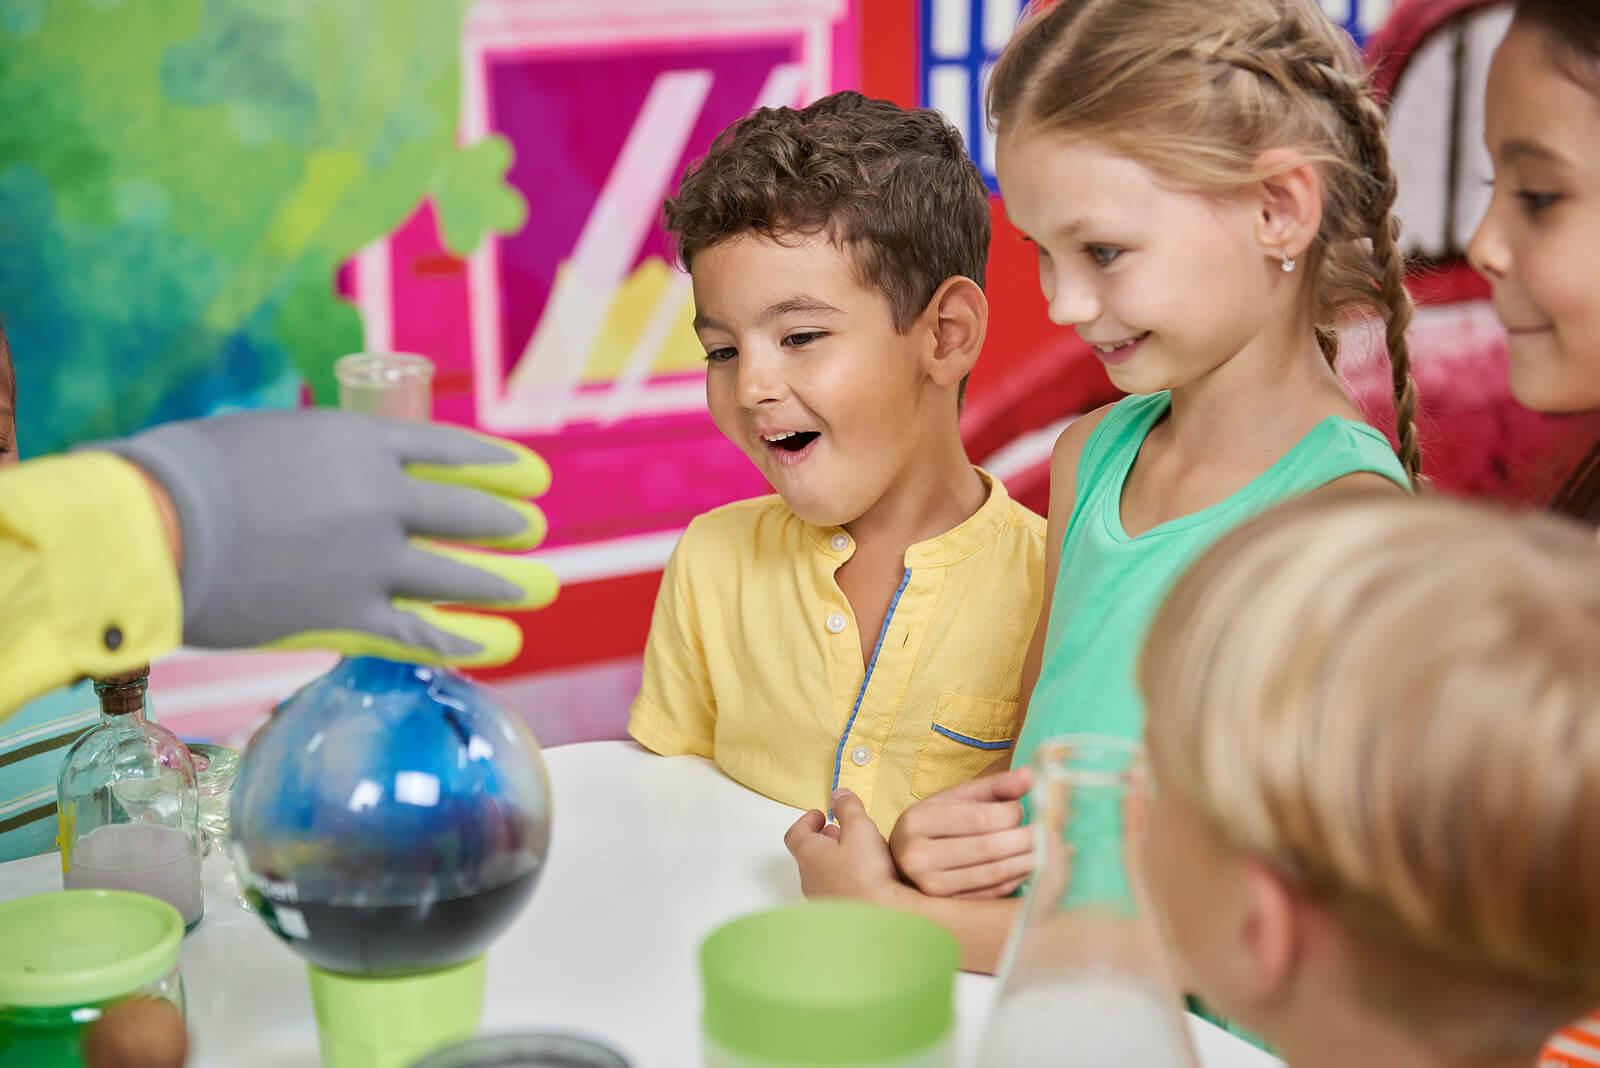 Niños recibiendo una educación STEAM.